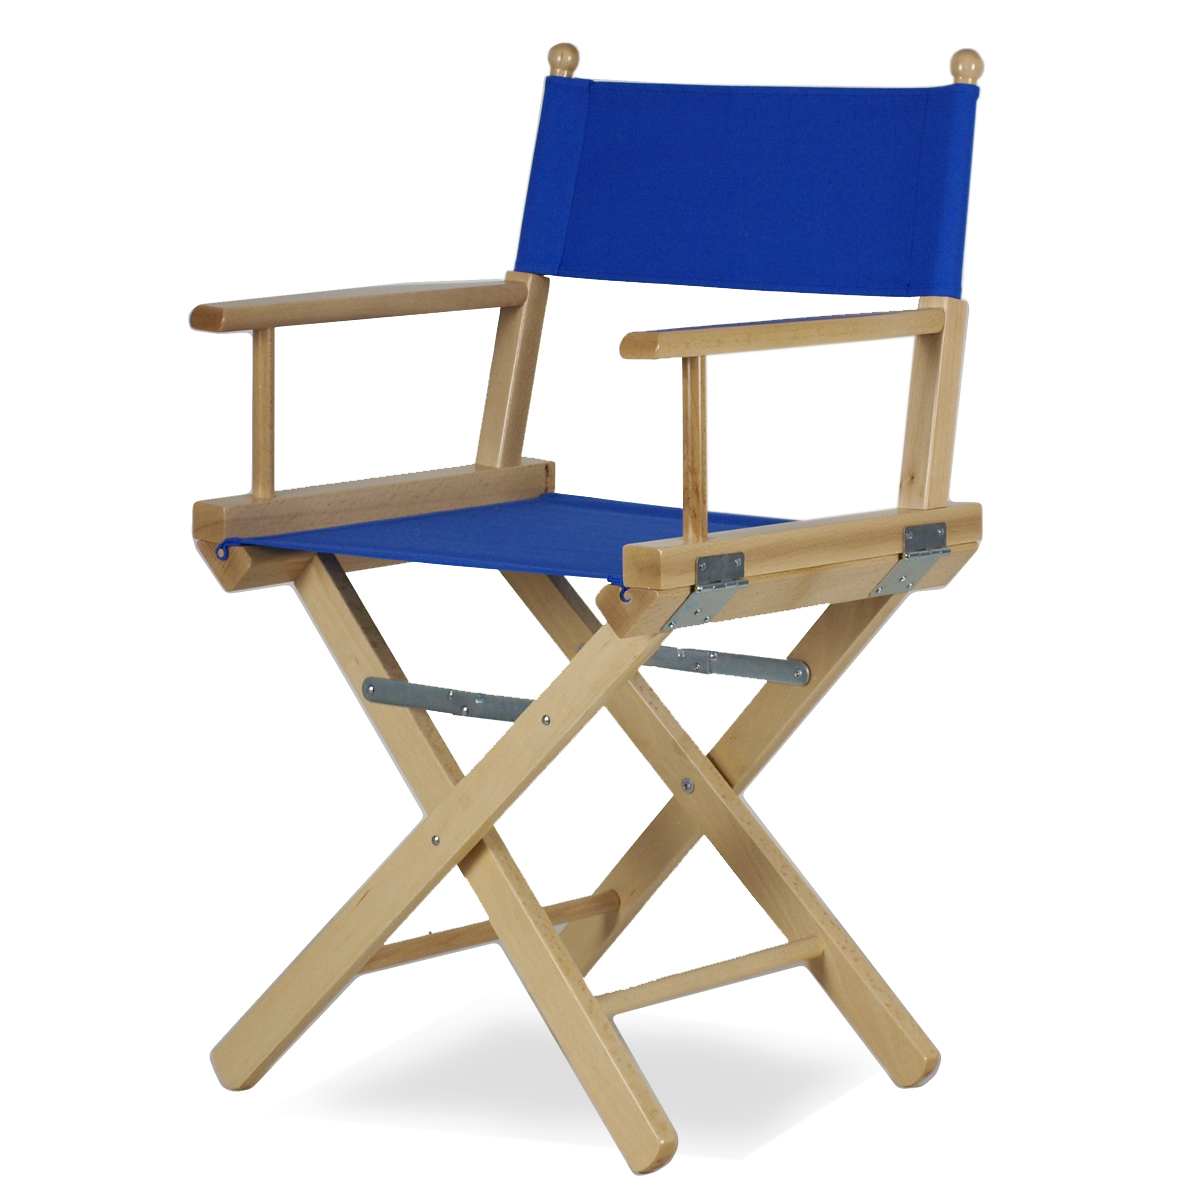 Sedie regista come ikea for Ikea sedie legno